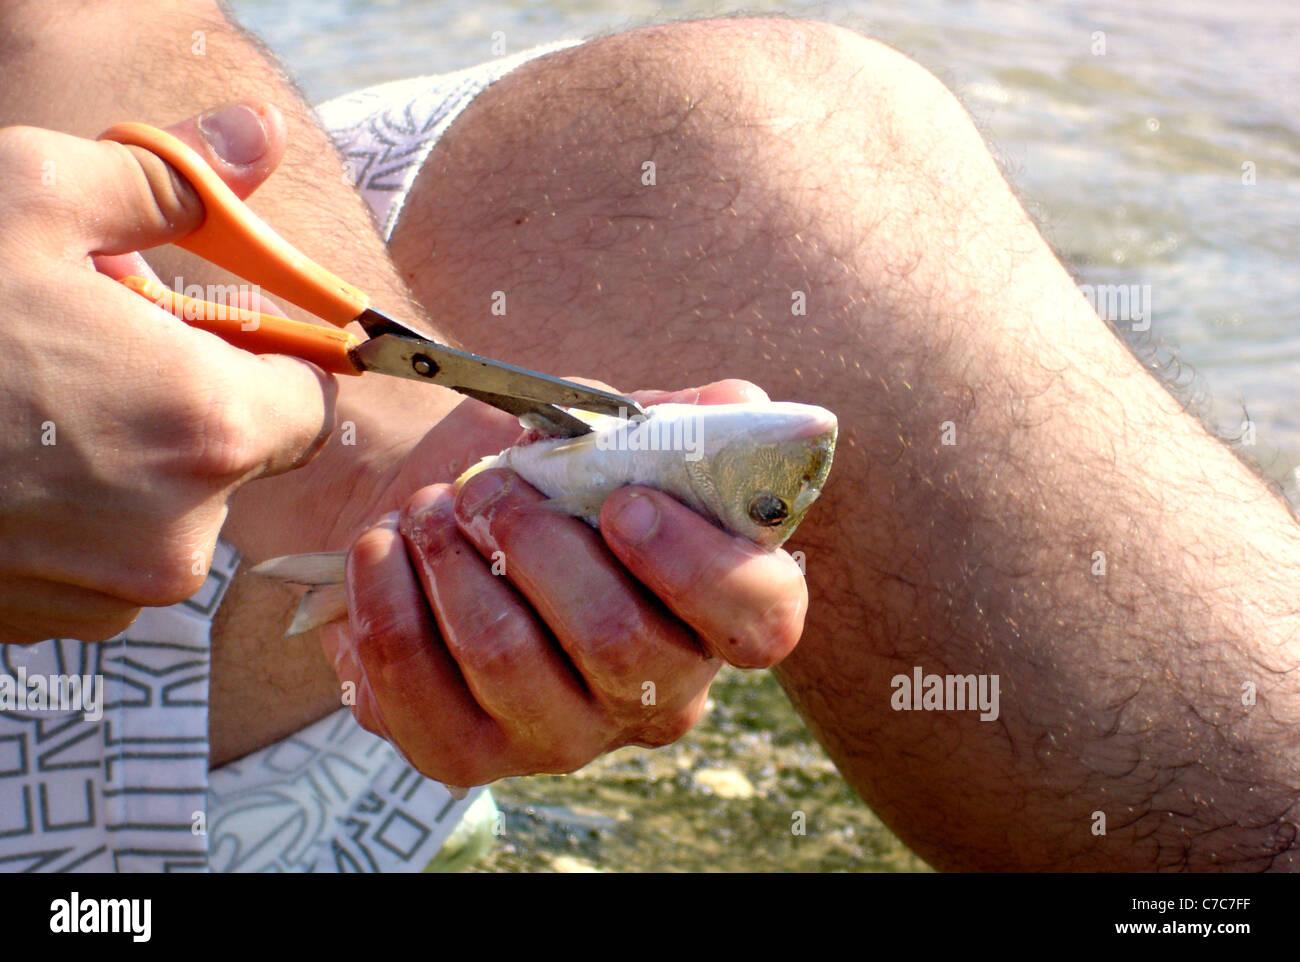 Poisson de pêche dans la réserve nationale de Nitzanim entre Ashkelon à Ashdod, sur la côte de la mer Méditerranée. Banque D'Images